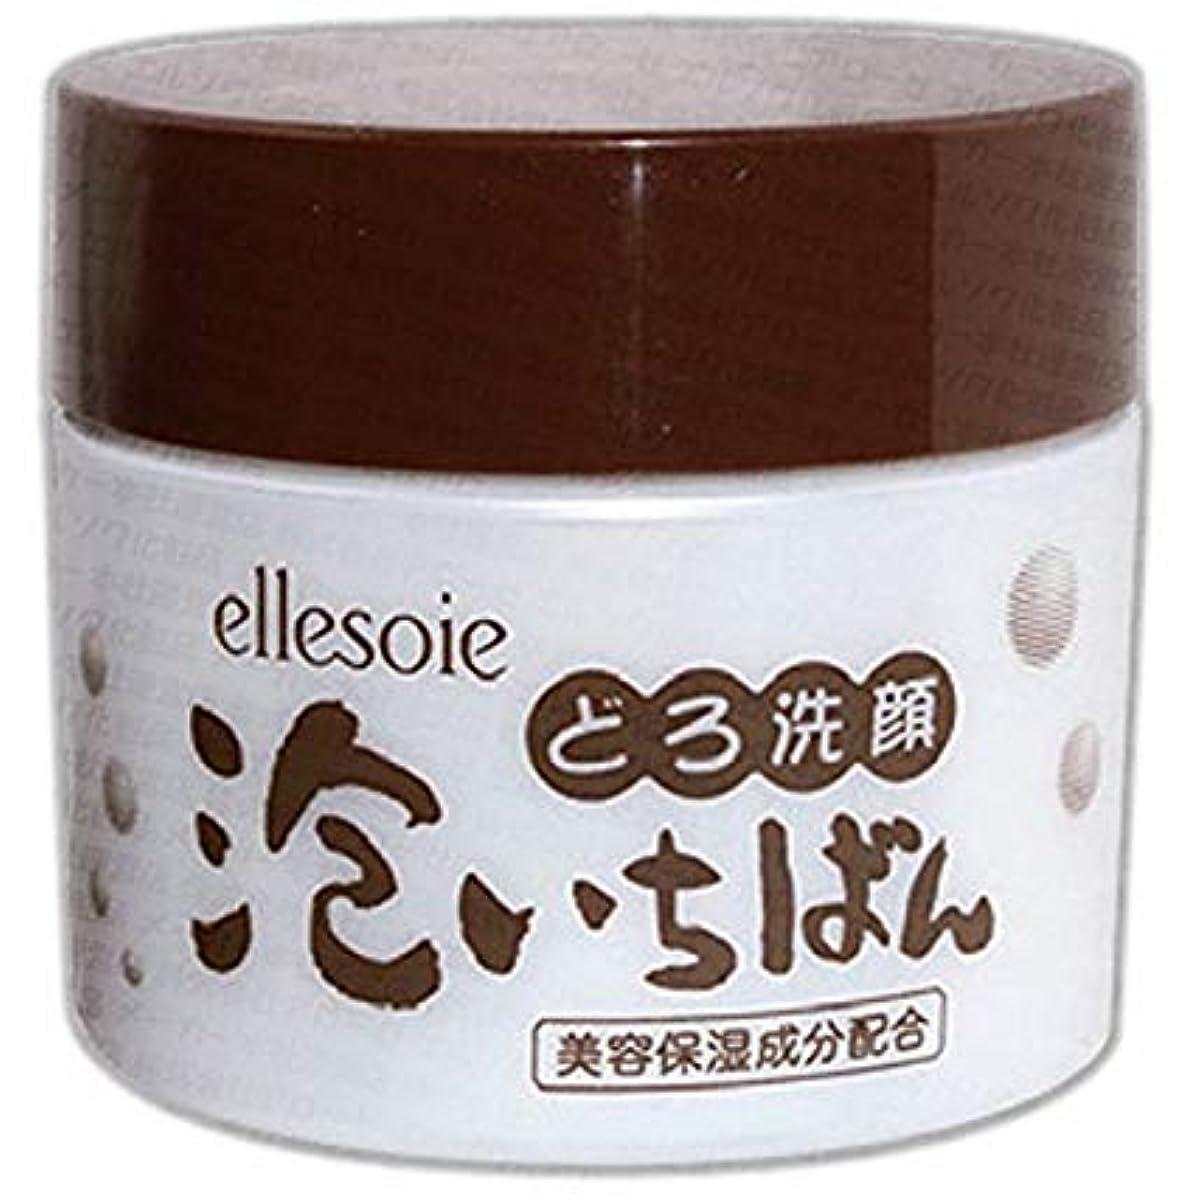 パワーセルリダクター磁石エルソワ化粧品(ellesoie) どろ洗顔 泡いちばん 120g入り (ジャー容器入り120g)